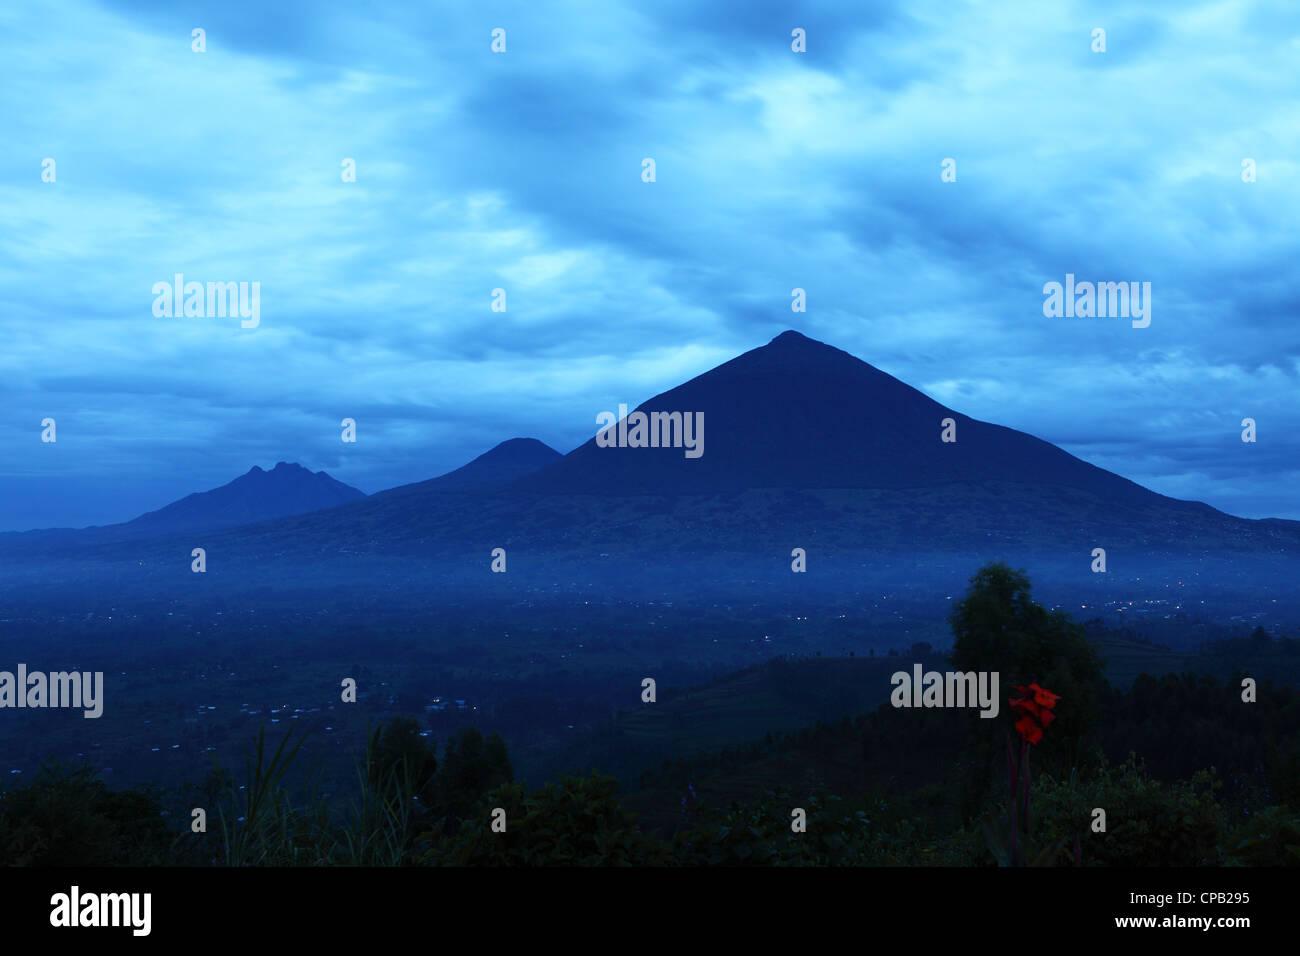 Dawn breaks over the Virunga Mountain Range in the Volcanoes National Park, Rwanda. - Stock Image